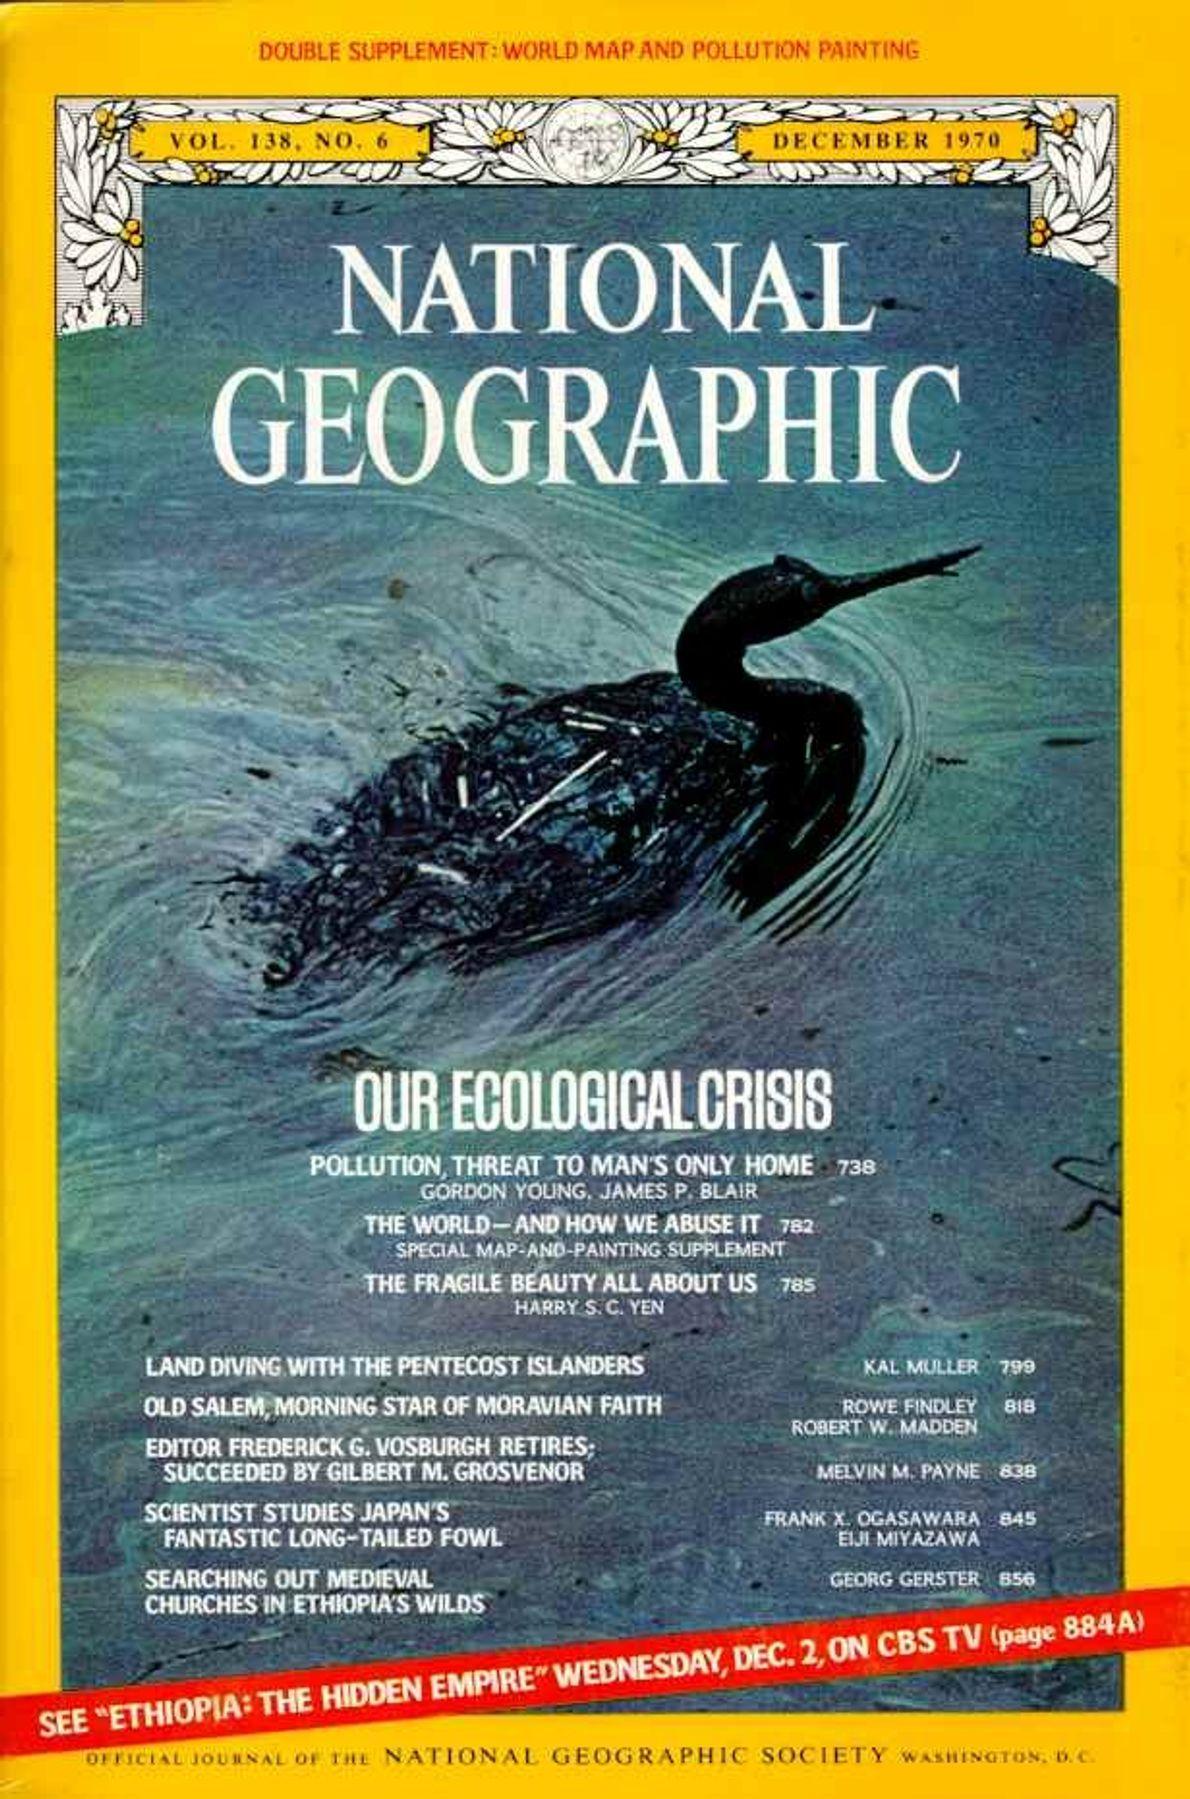 DEZEMBRO DE 1970 — A NOSSA CRISE ECOLÓGICA